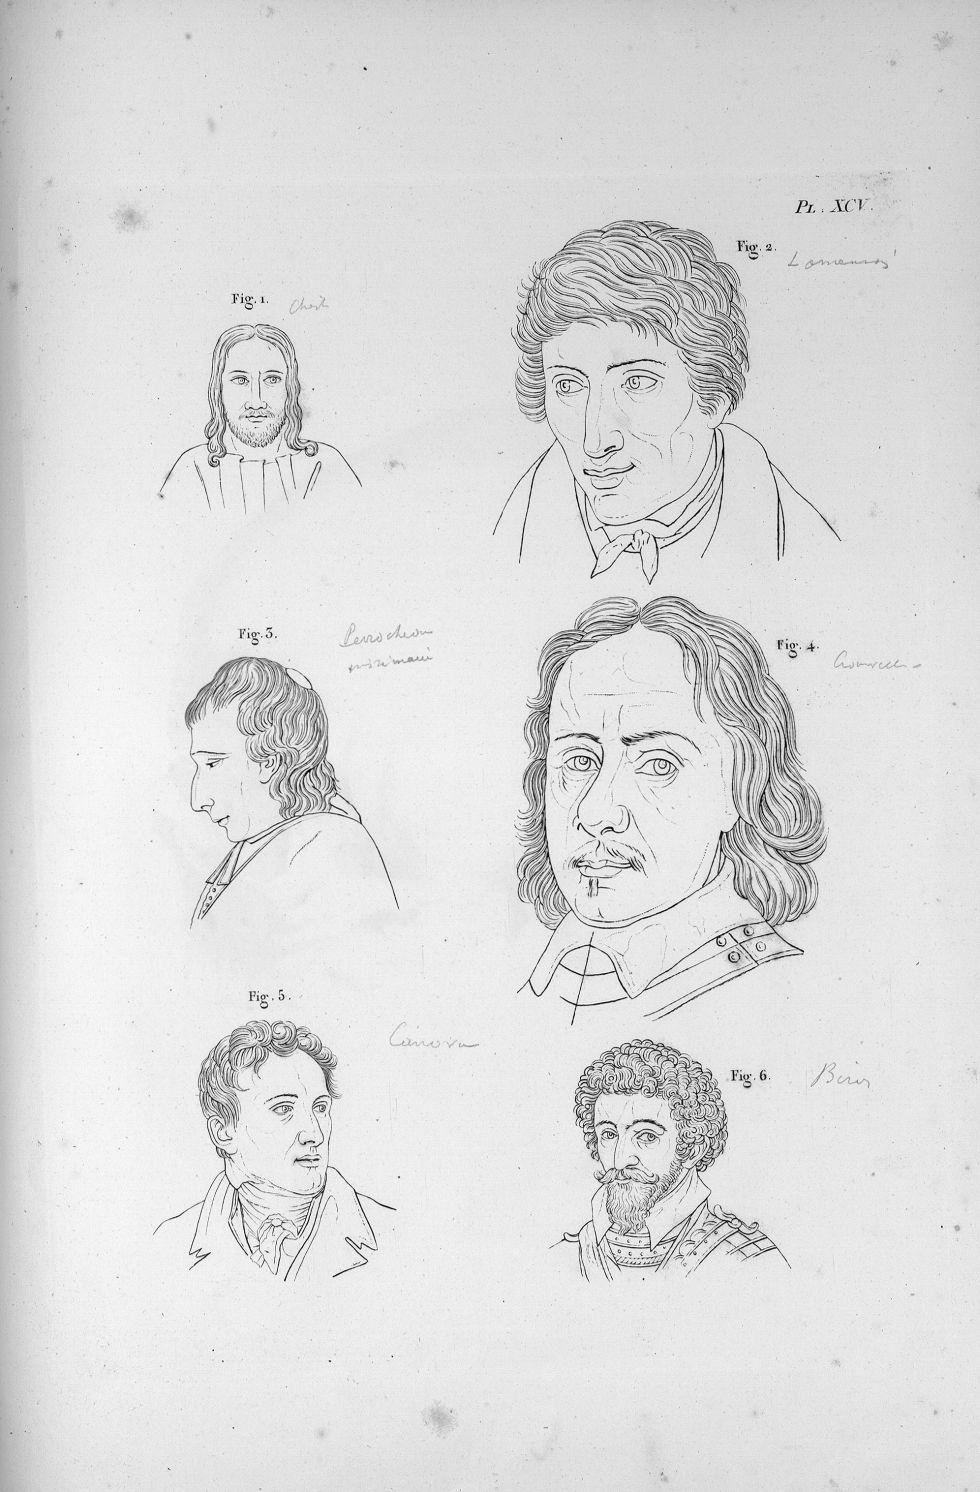 Pl. XCV. Fig. 1. Un Christ / Fig. 2. L'abbé F. de la Mennais / Fig. 3. Jacques-Léonard Perocheau / F [...] - Anatomie. Neurologie. Têtes. Phrénologie. 19e siècle (France) - med00575x04x0323